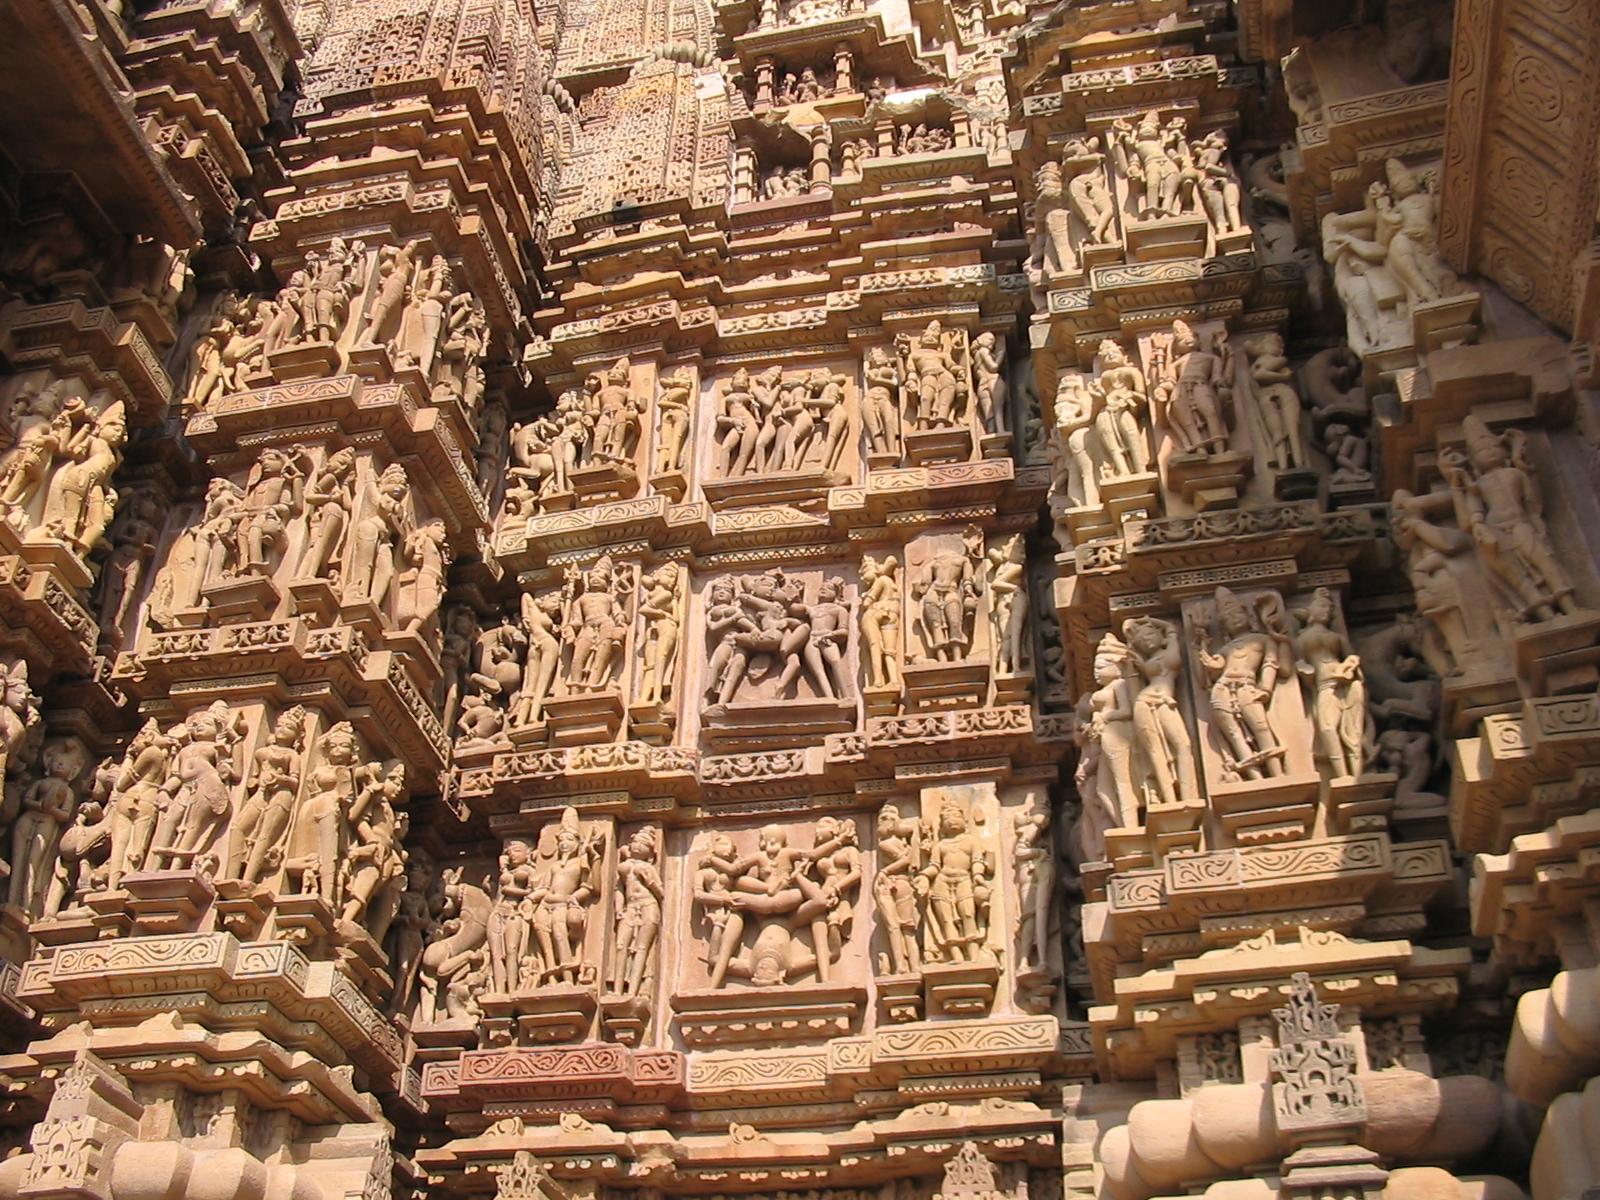 hram-v-indii-s-seksualnimi-figurami